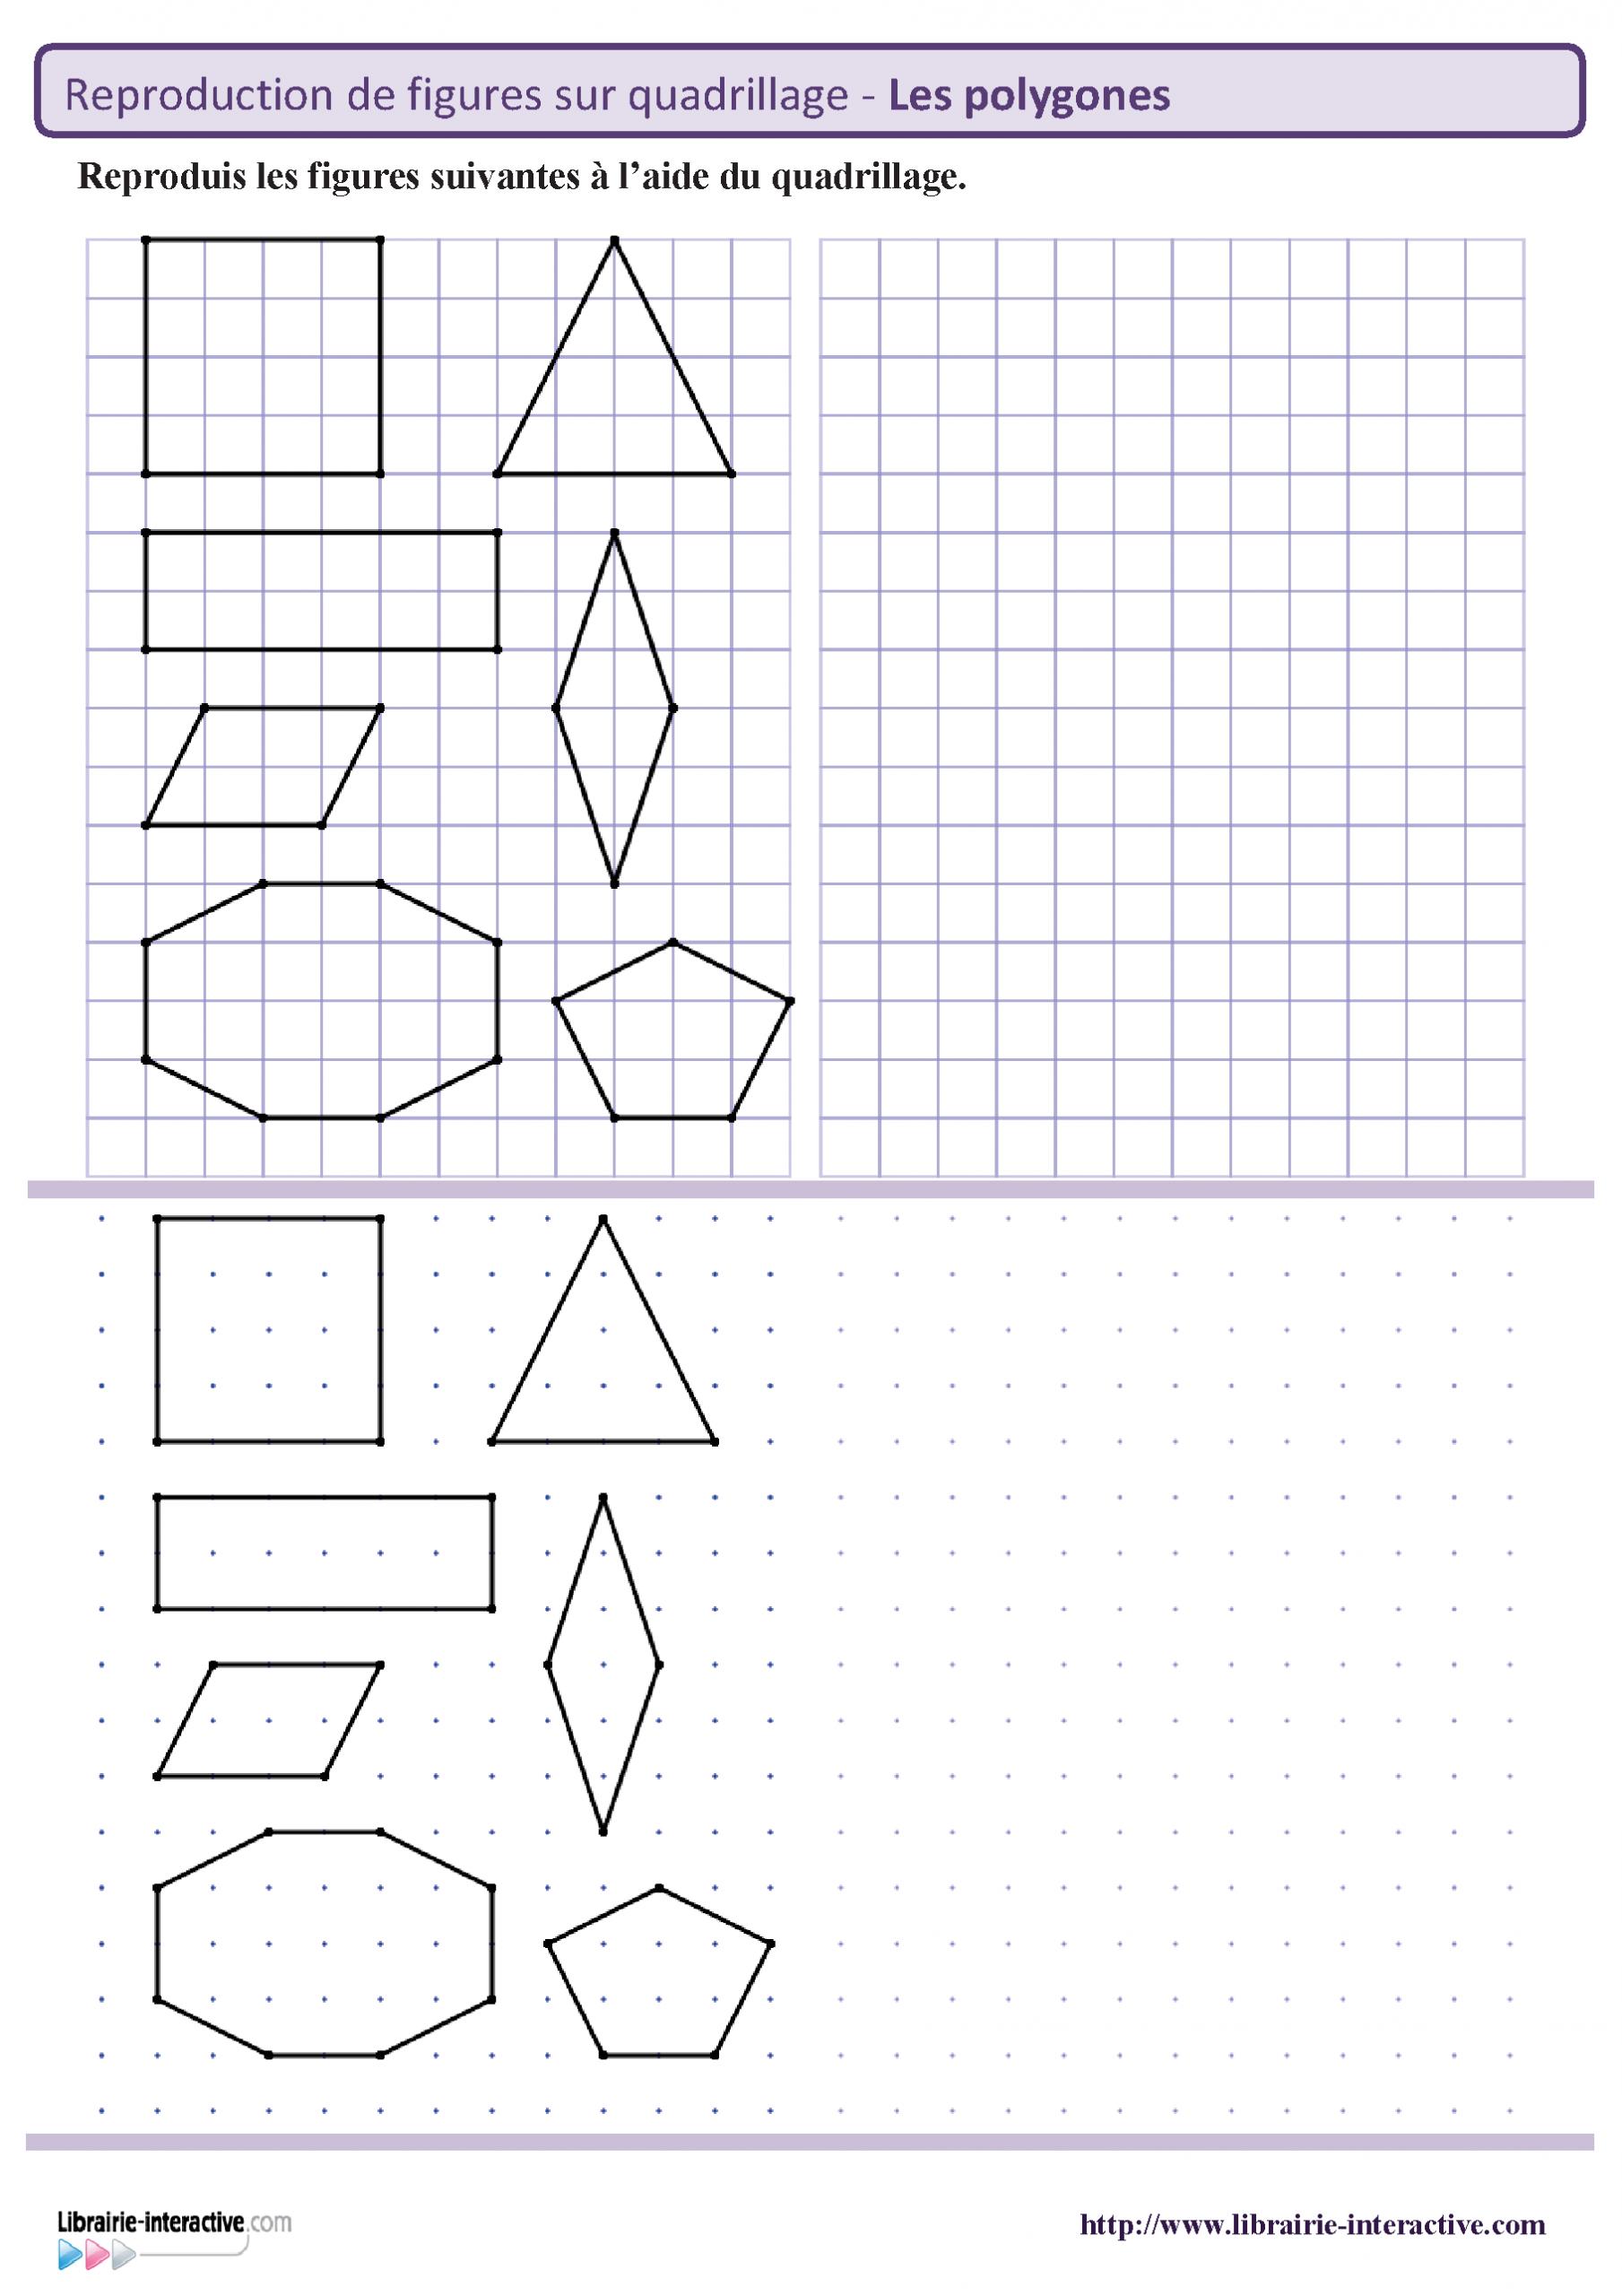 Reproduction Des Principaux Polygones Sur Quadrillage Et pour Évaluation Reproduction Sur Quadrillage Ce1